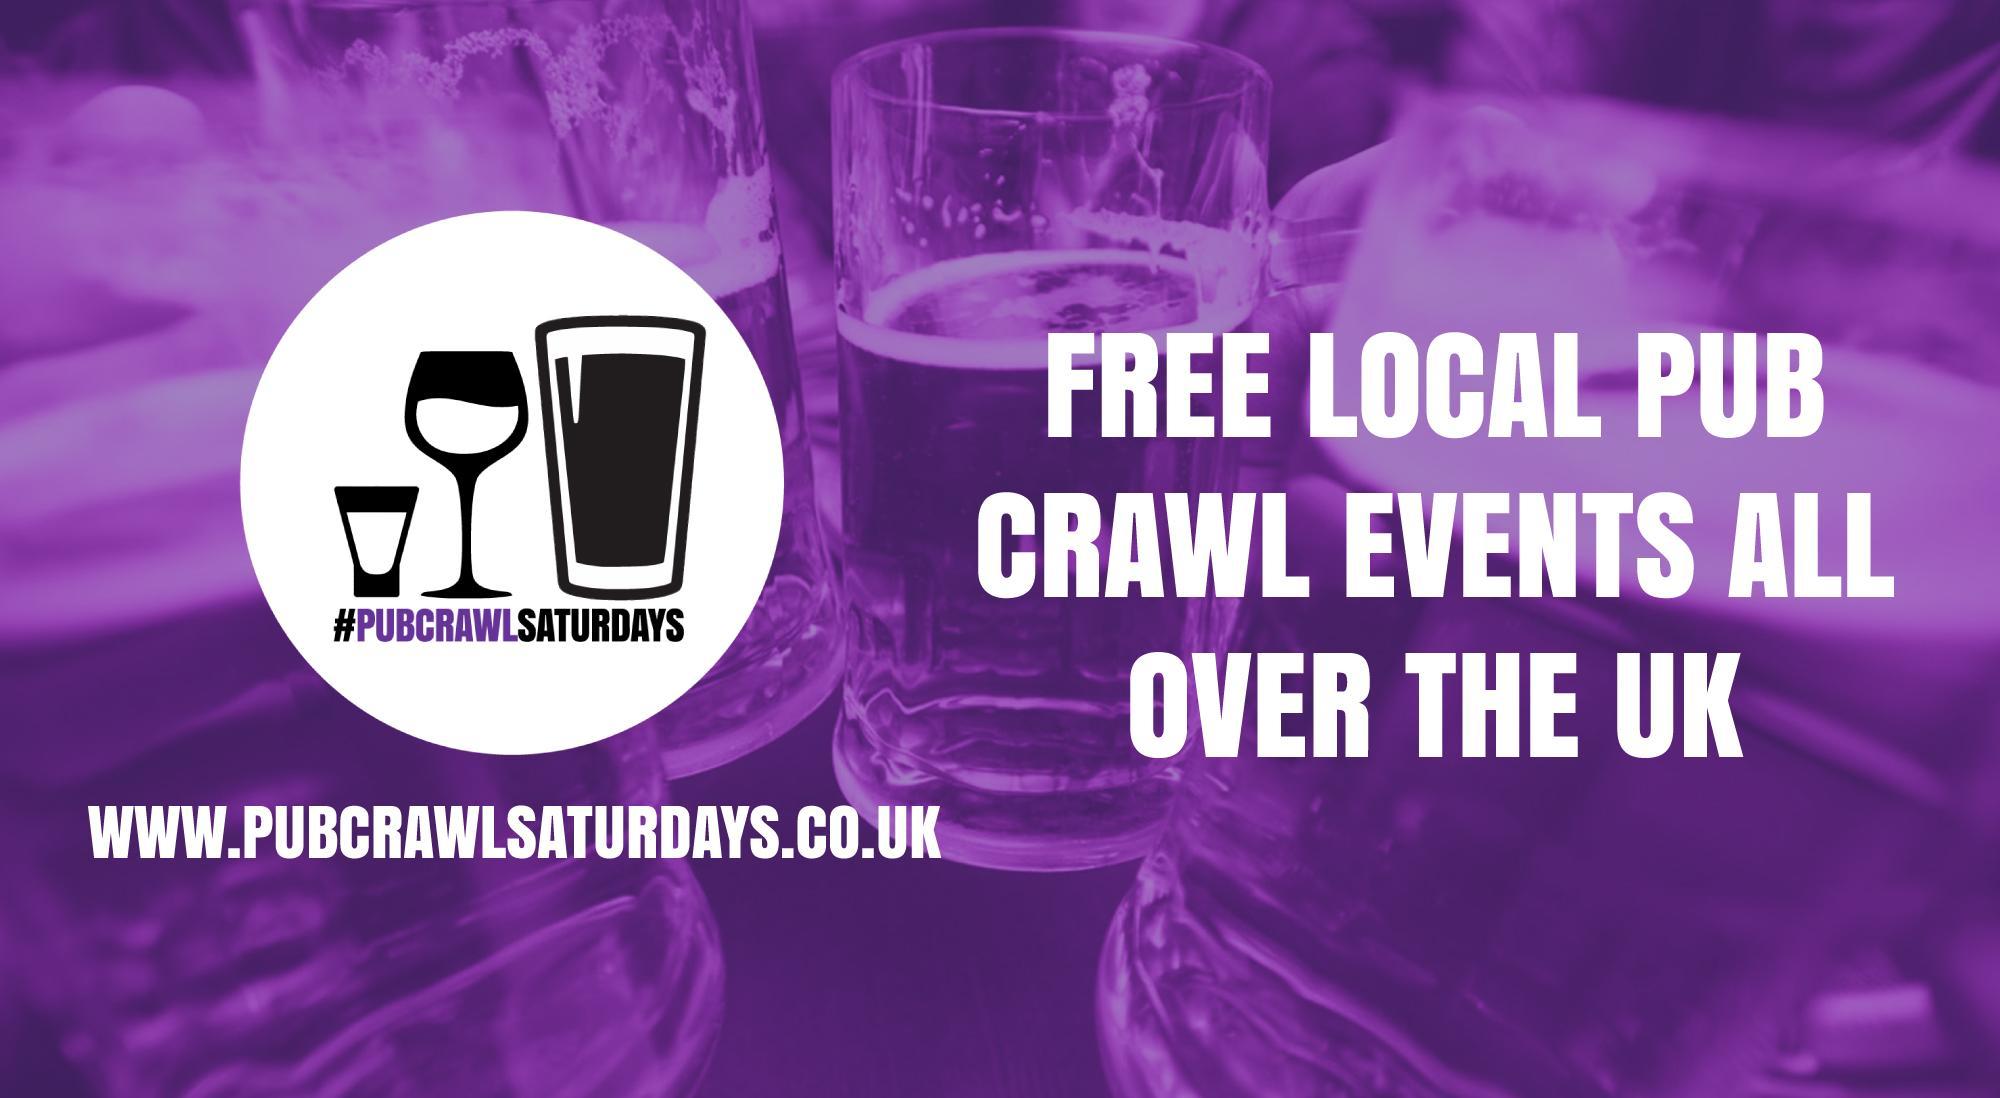 PUB CRAWL SATURDAYS! Free weekly pub crawl event in Barnsley